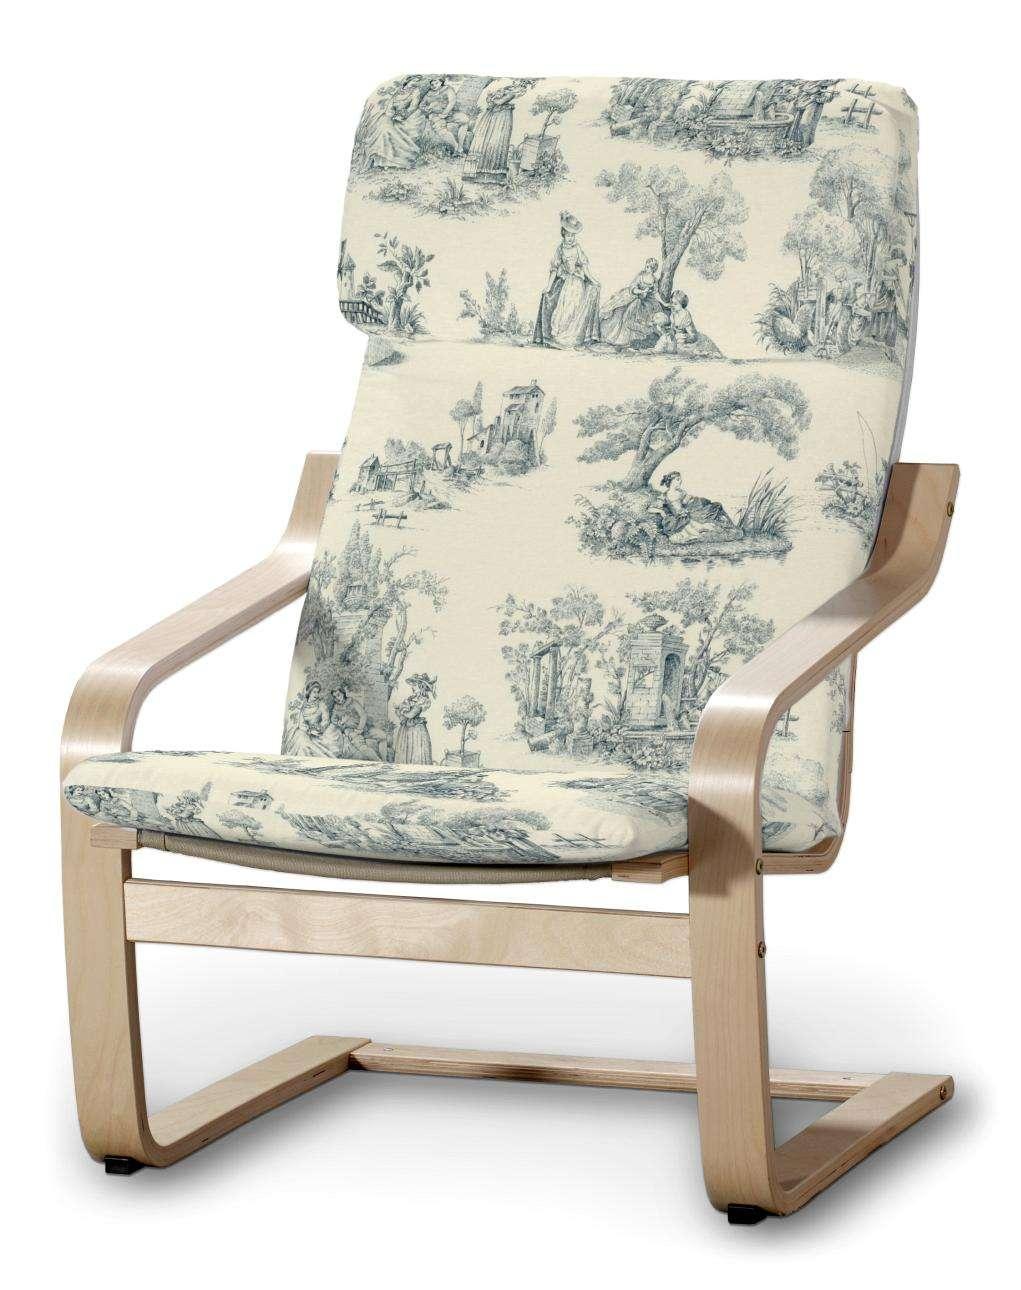 POÄNG  fotelio užvalkalas Poäng armchair kolekcijoje Avinon, audinys: 132-66